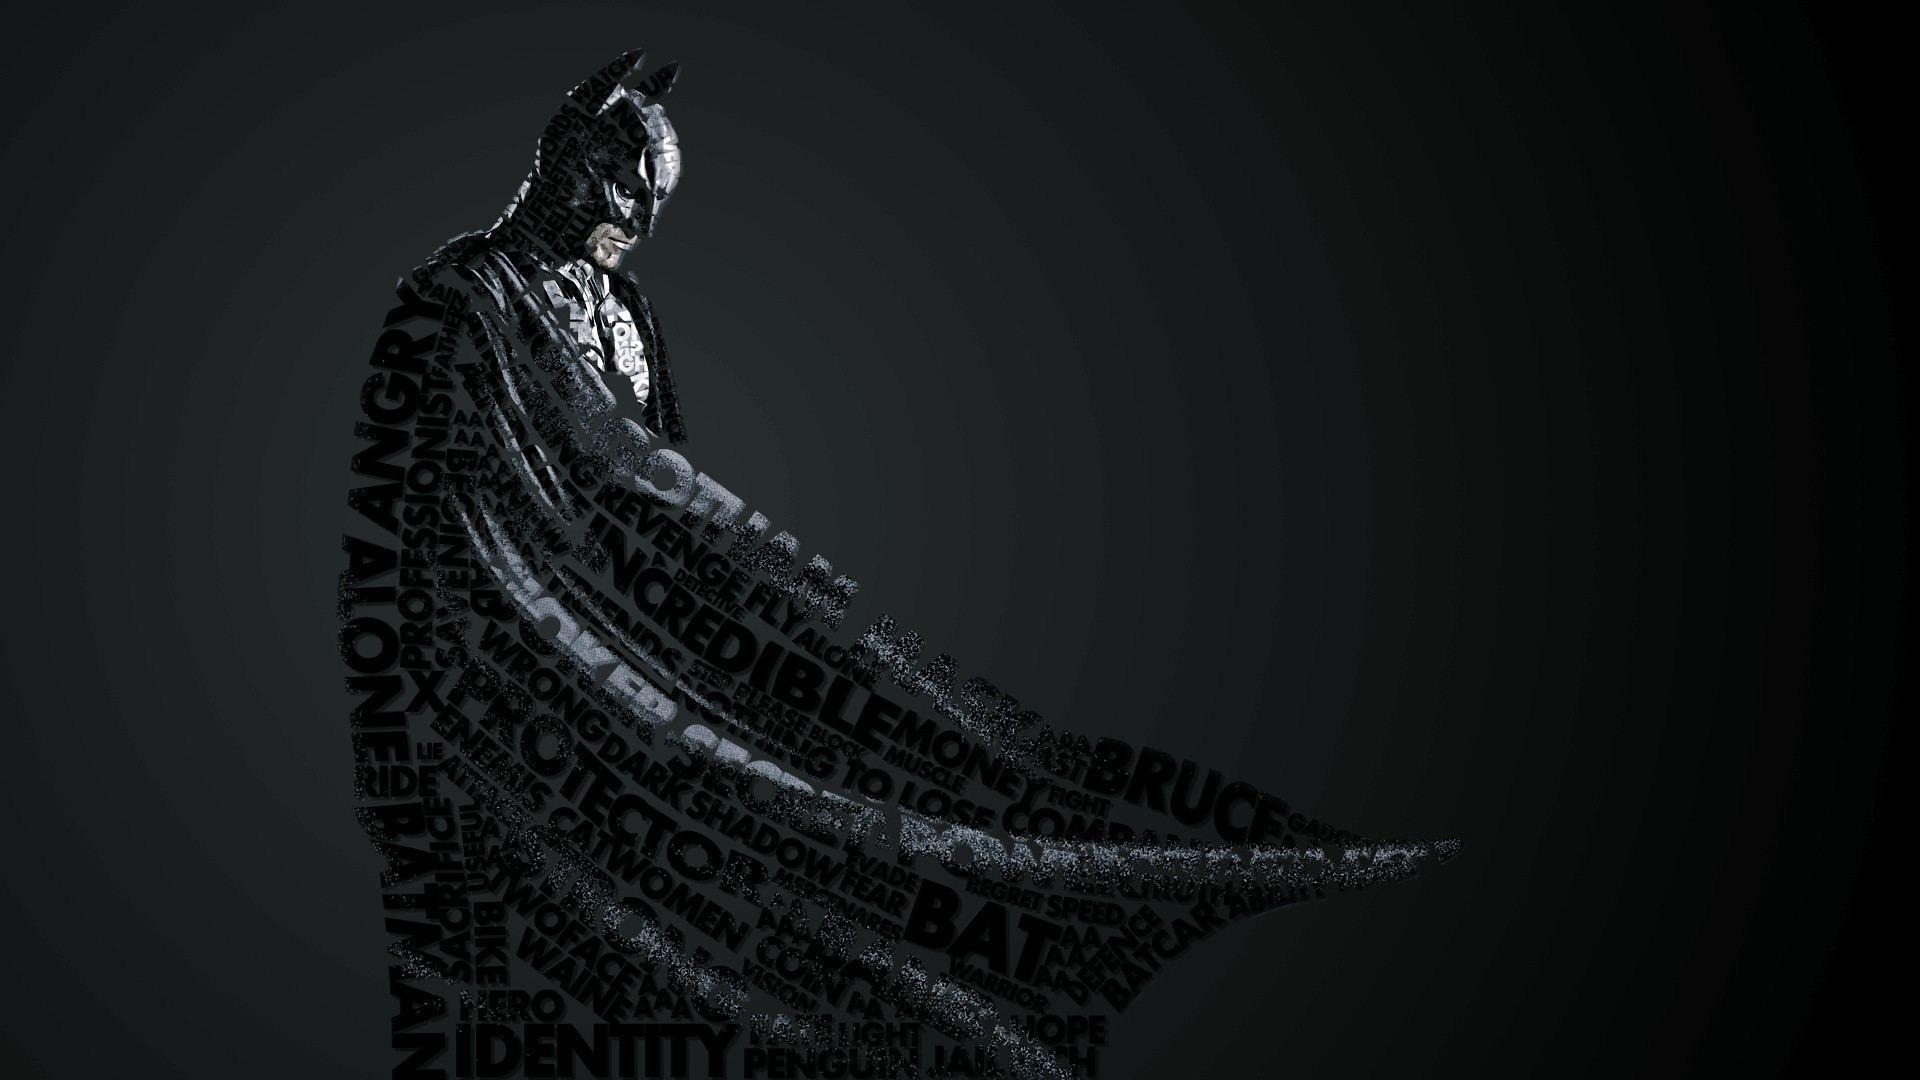 Batman Wallpaper 1920x1080 Wallpapertag